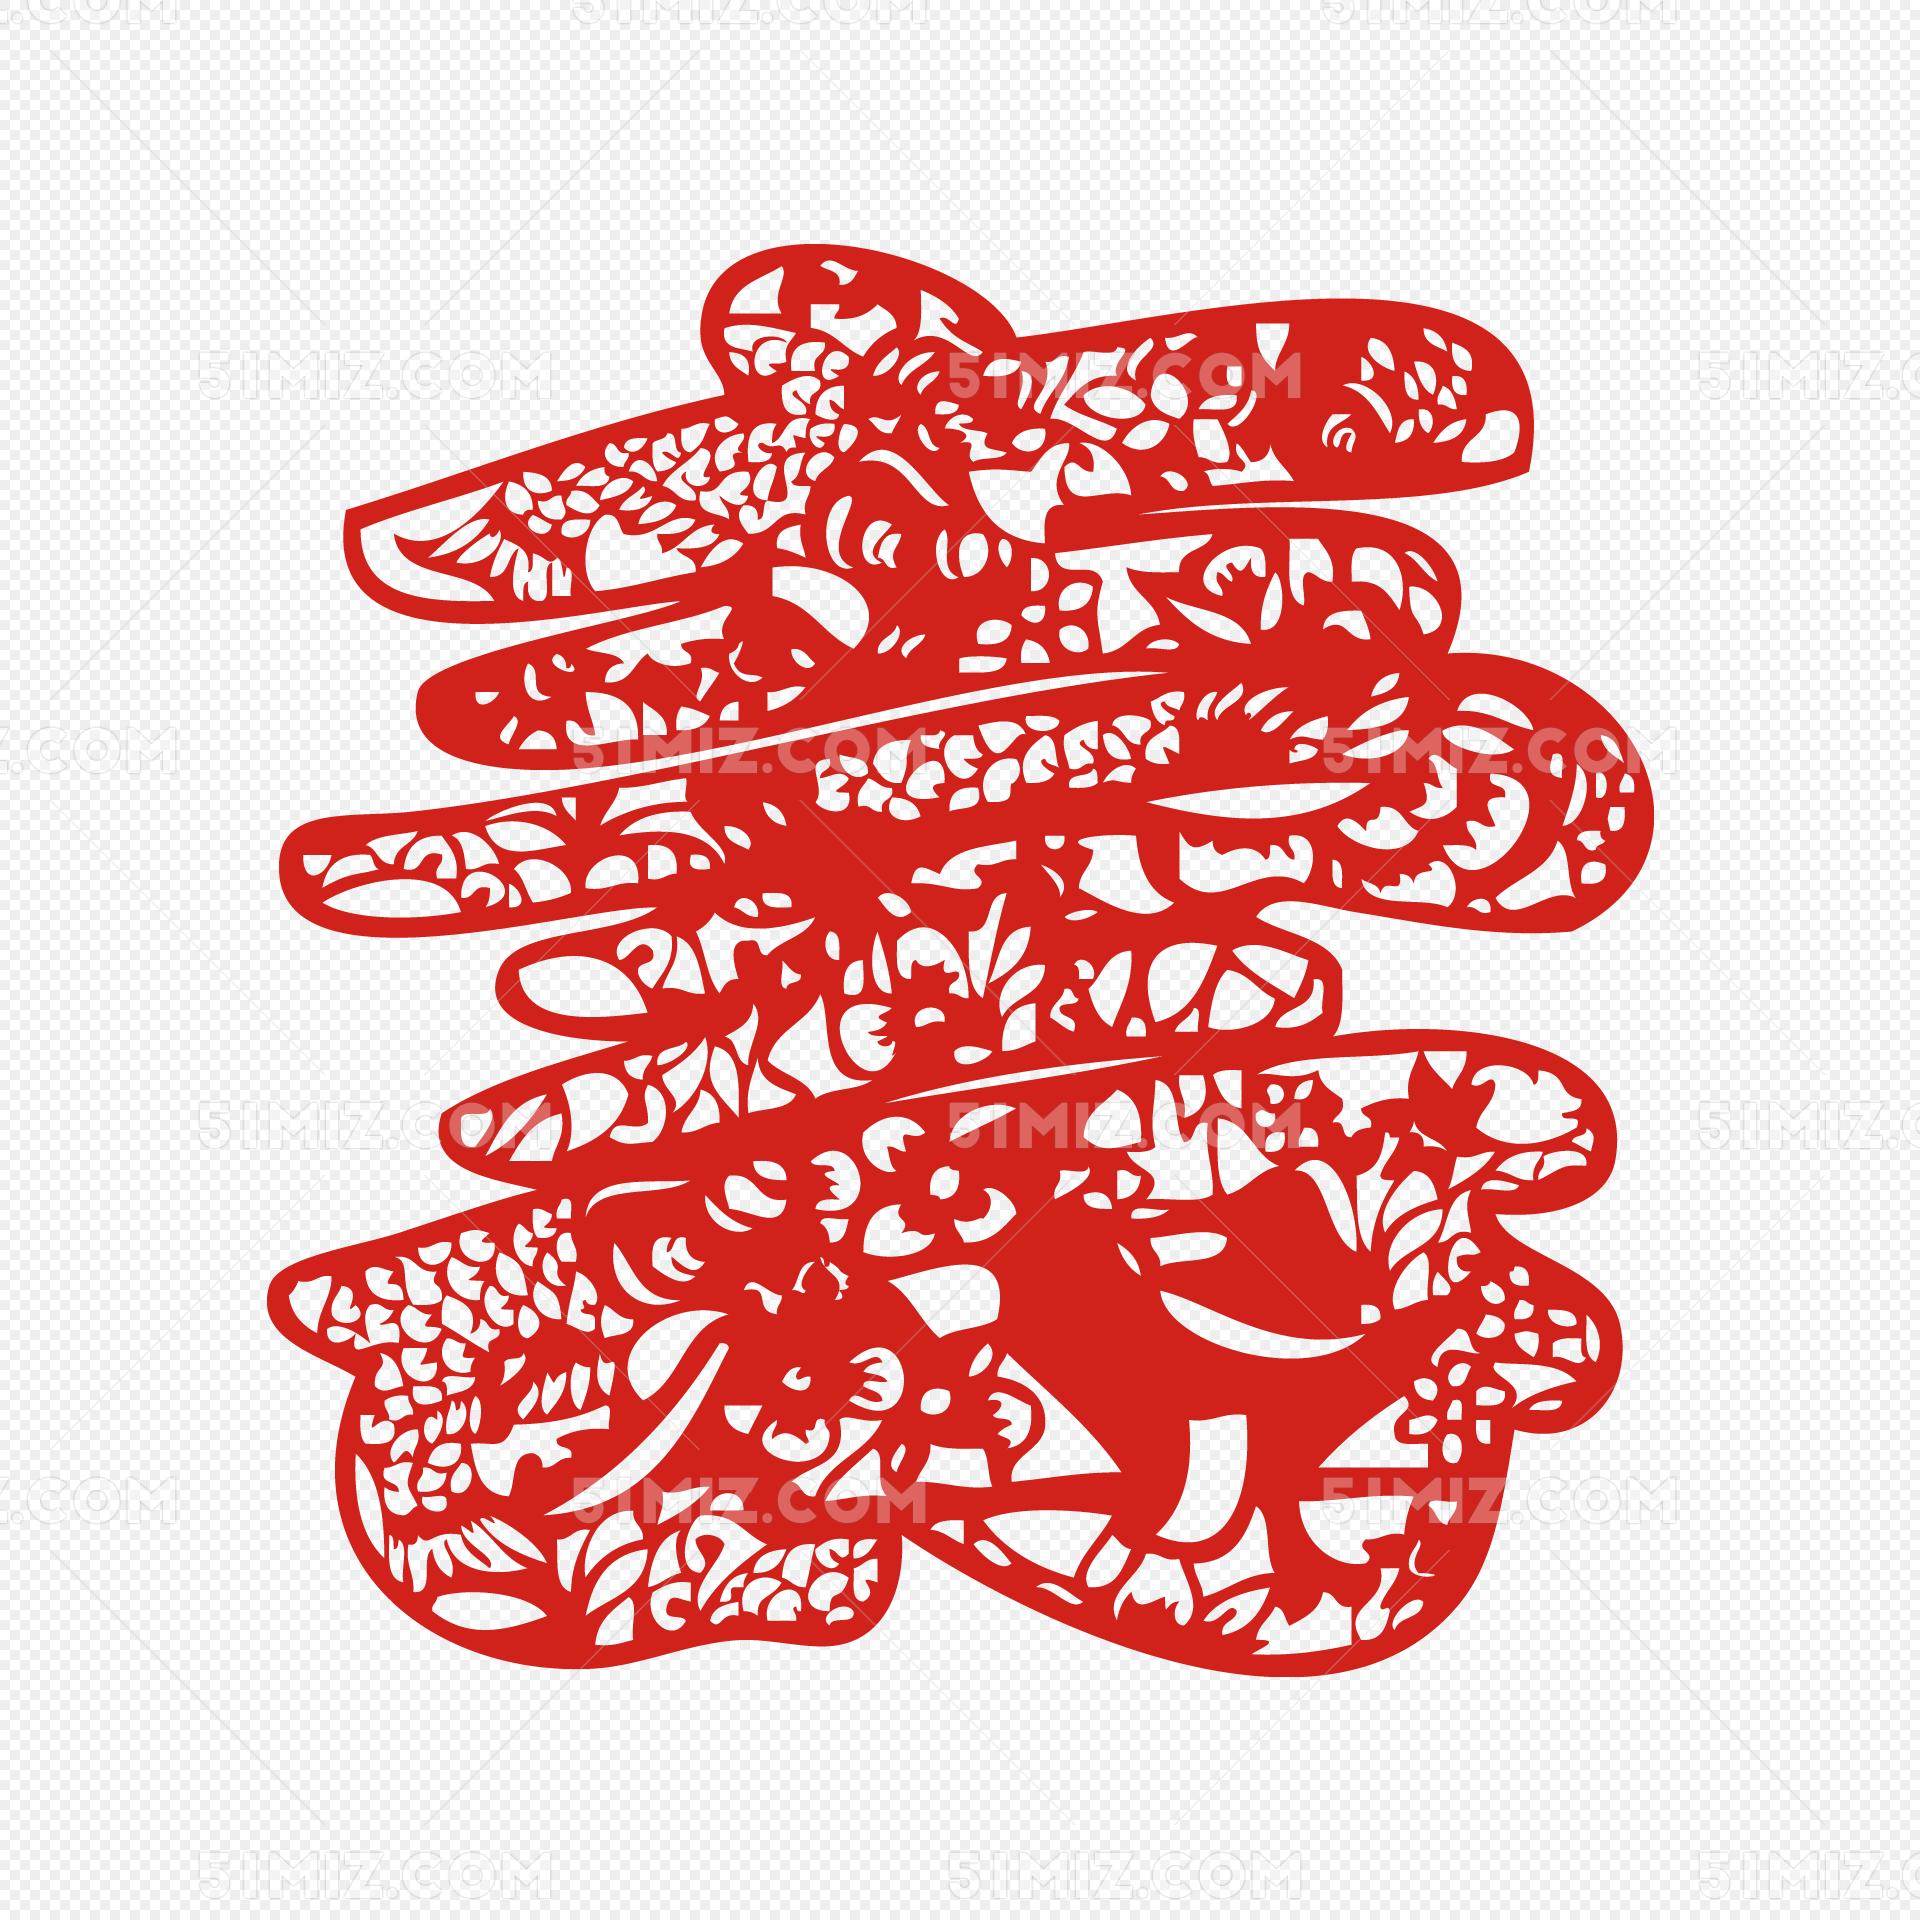 寿字剪纸窗花春节剪纸新年元旦图片素材免费下载 觅知网